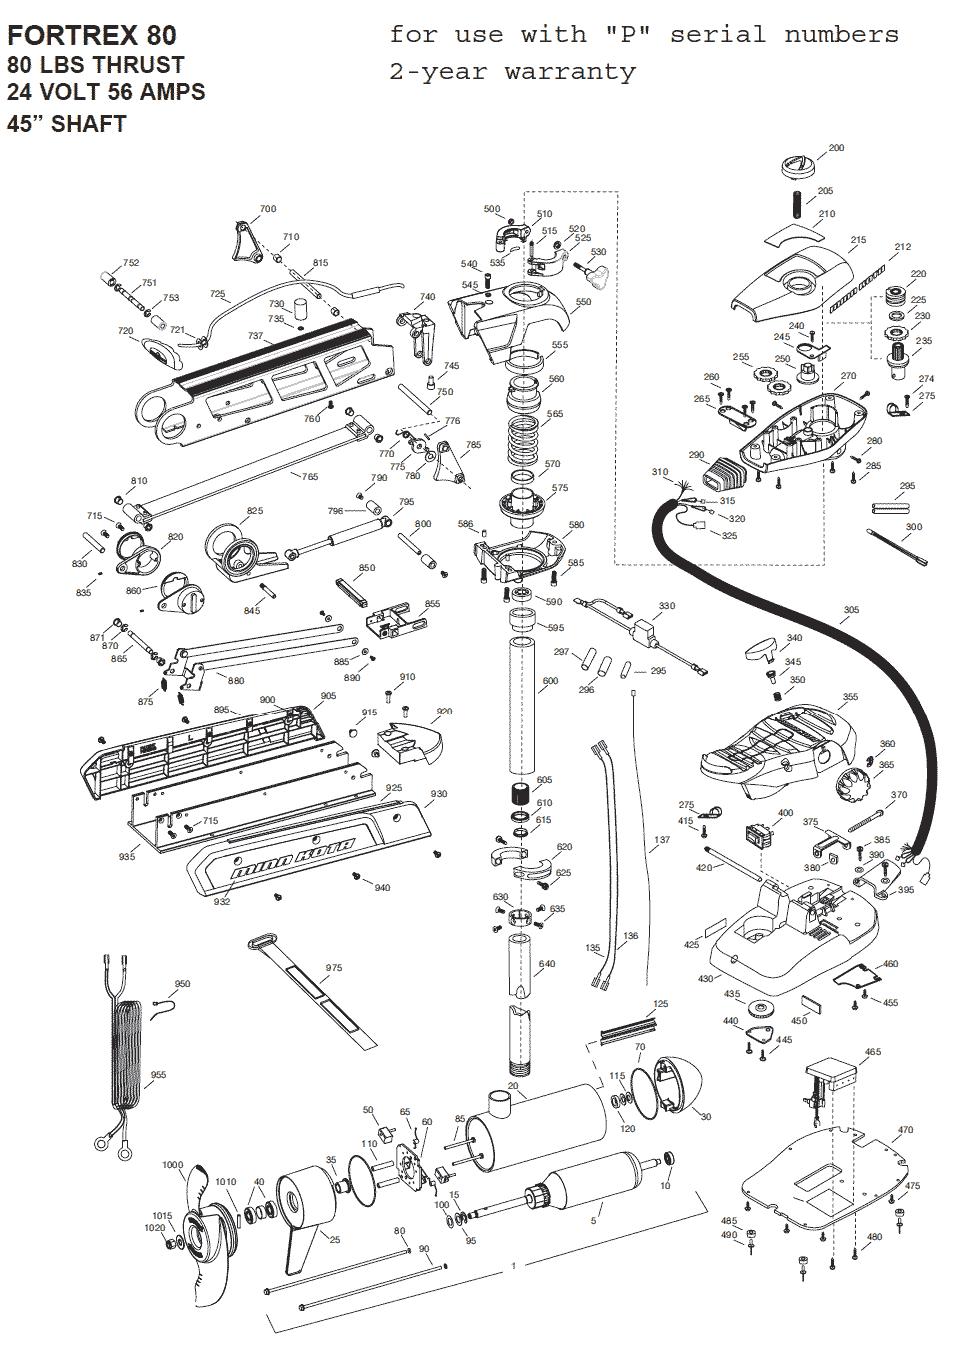 Minn Kota Fortrex 80 45 inch Parts 2015 from FISH307com